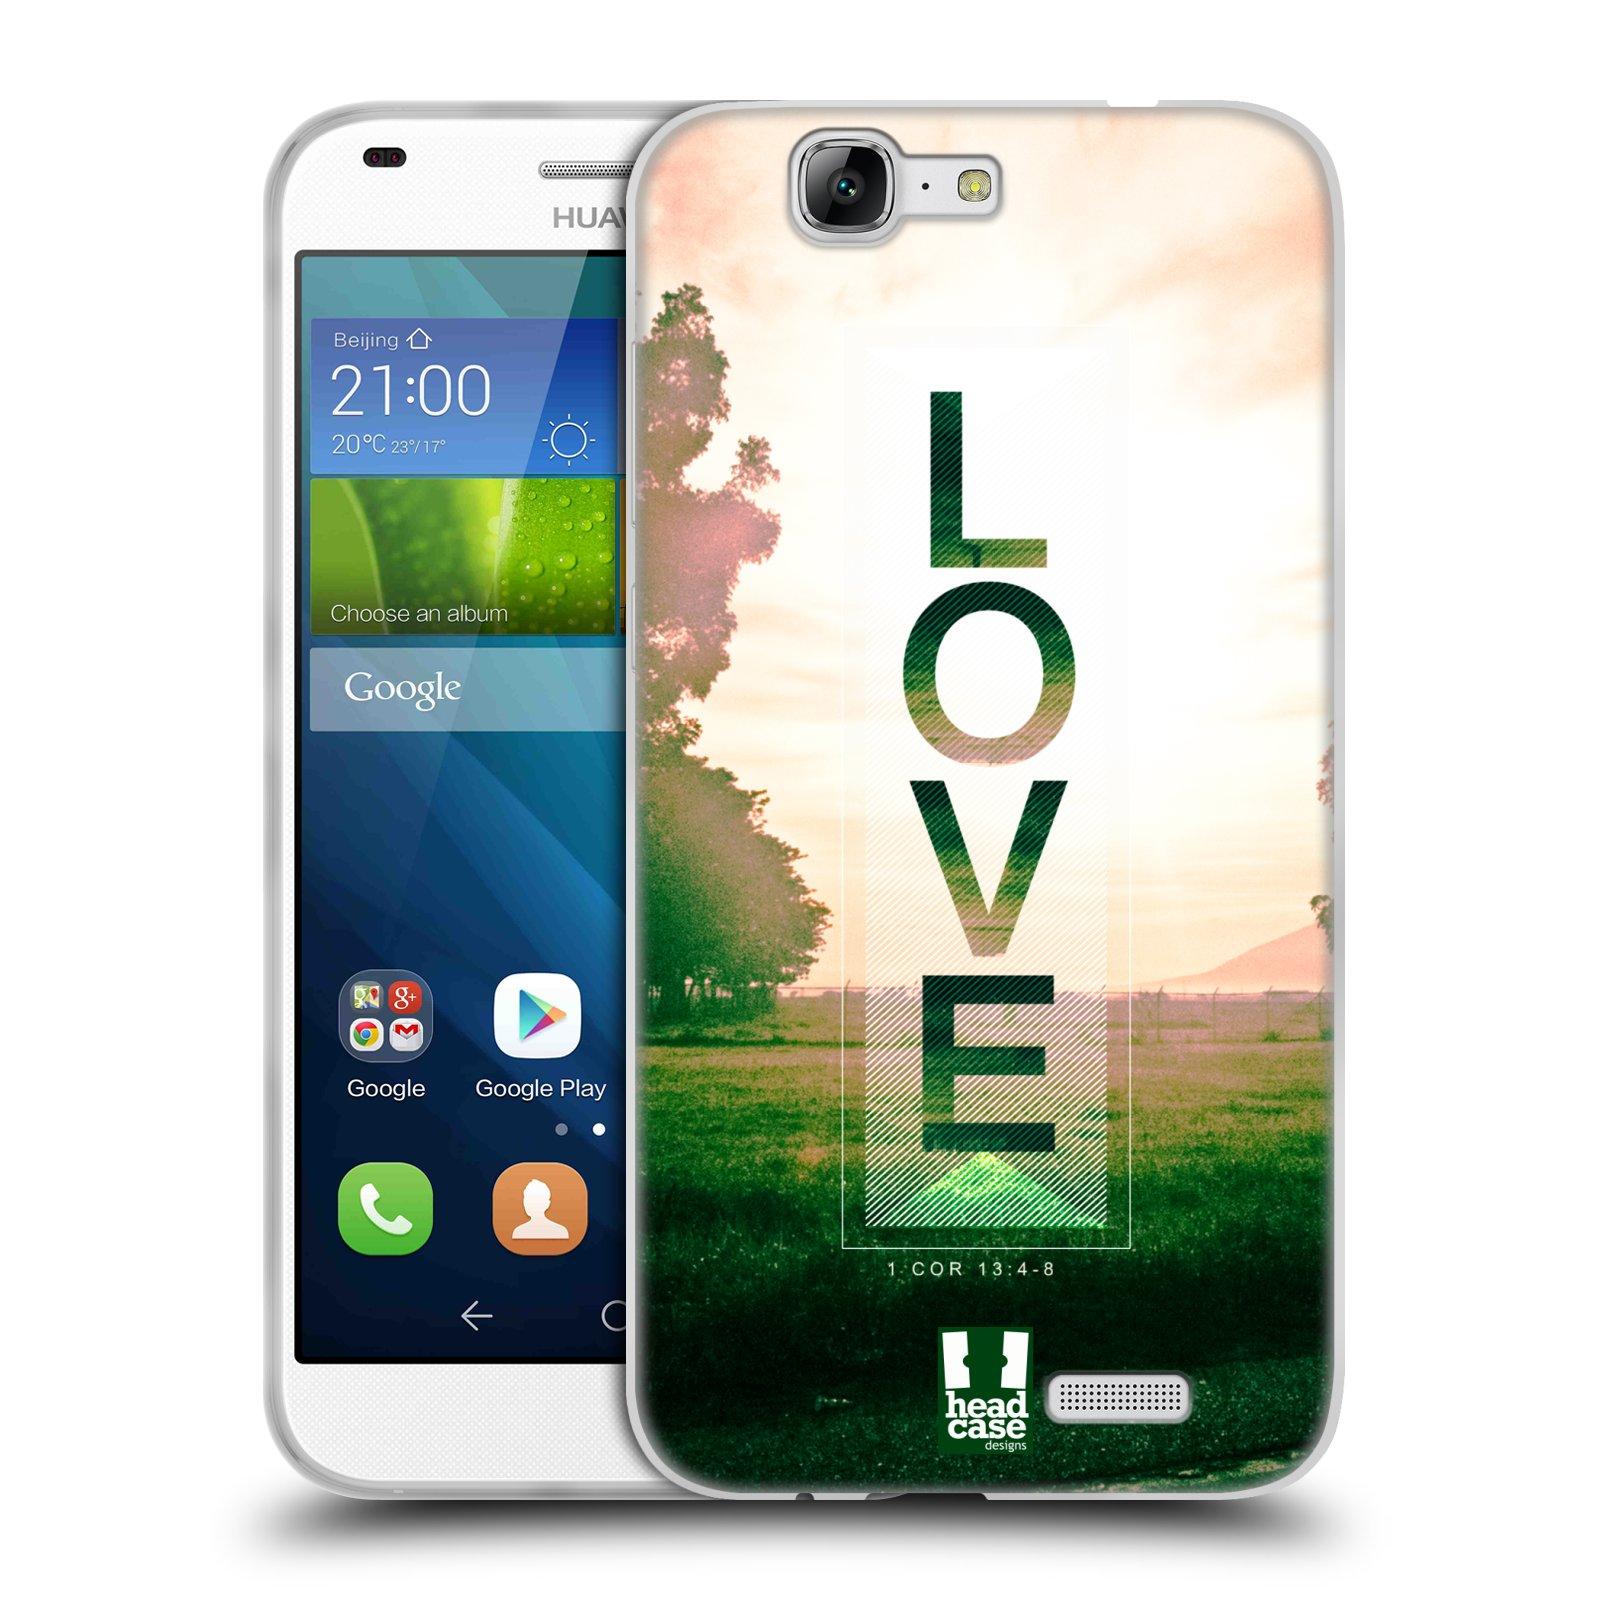 Silikonové pouzdro na mobil Huawei Ascend G7 HEAD CASE Láska (Silikonový kryt či obal na mobilní telefon Huawei Ascend G7)